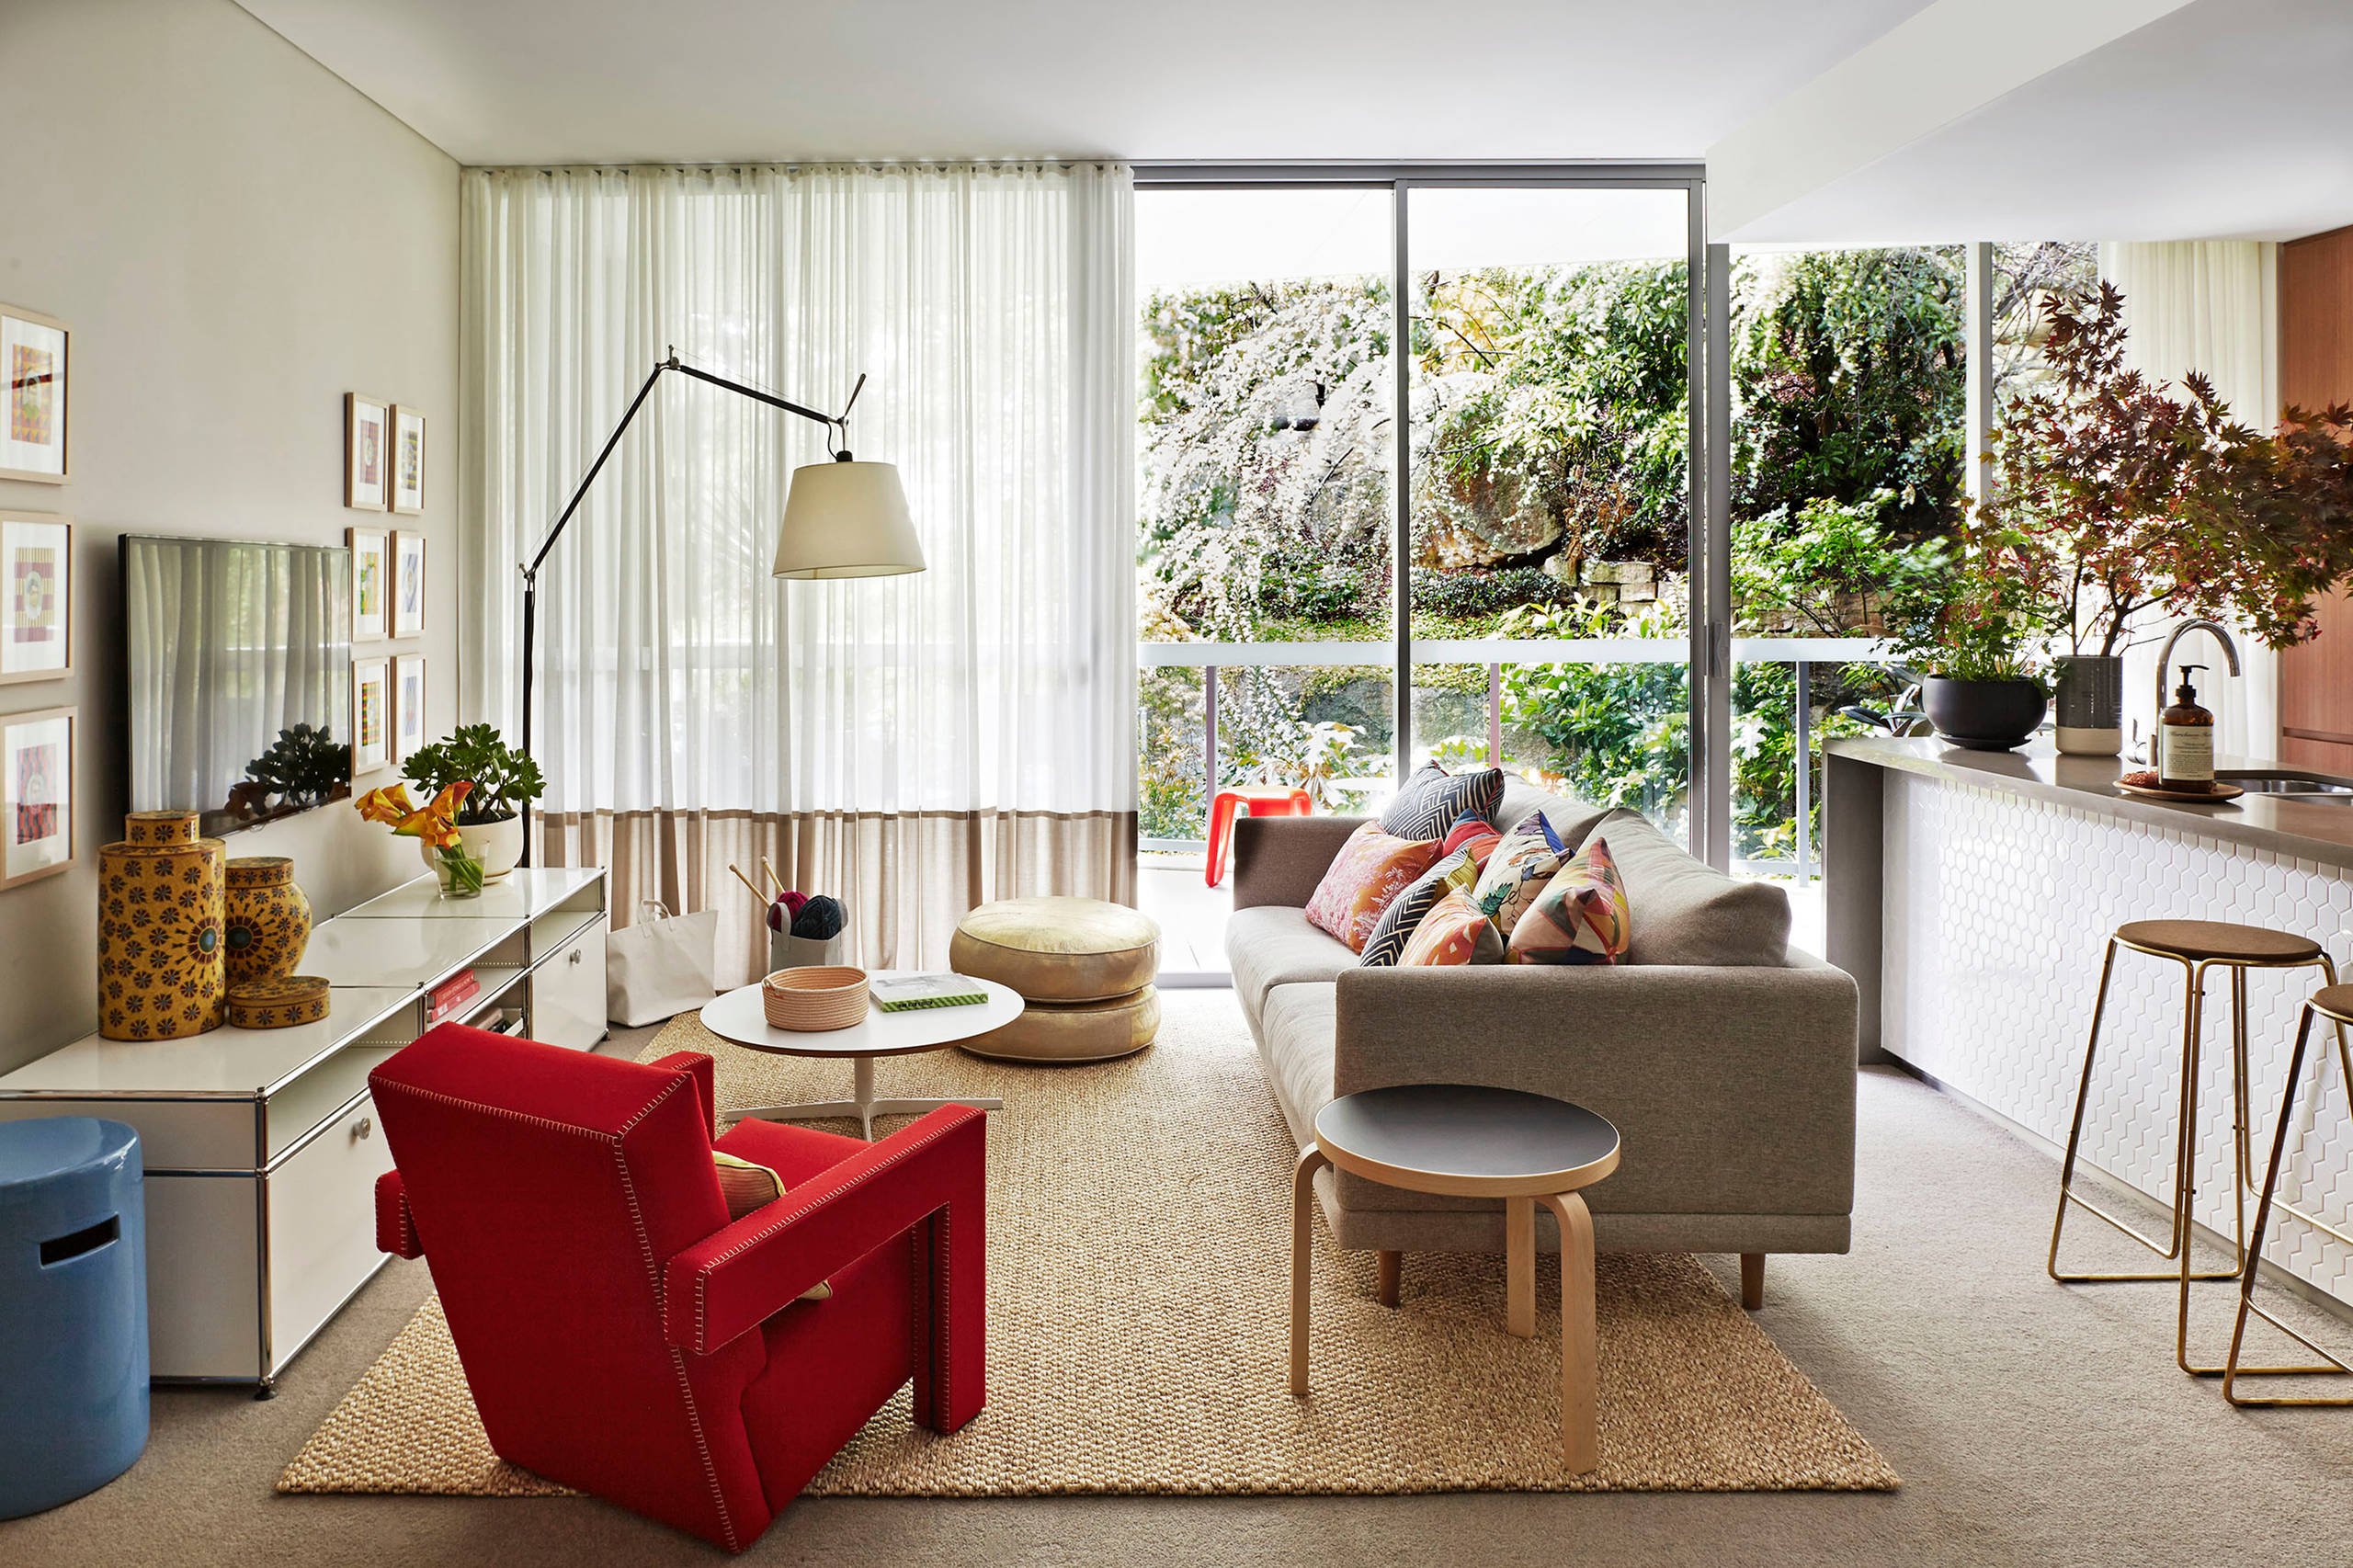 Дополнительные сидения в маленькой гостиной